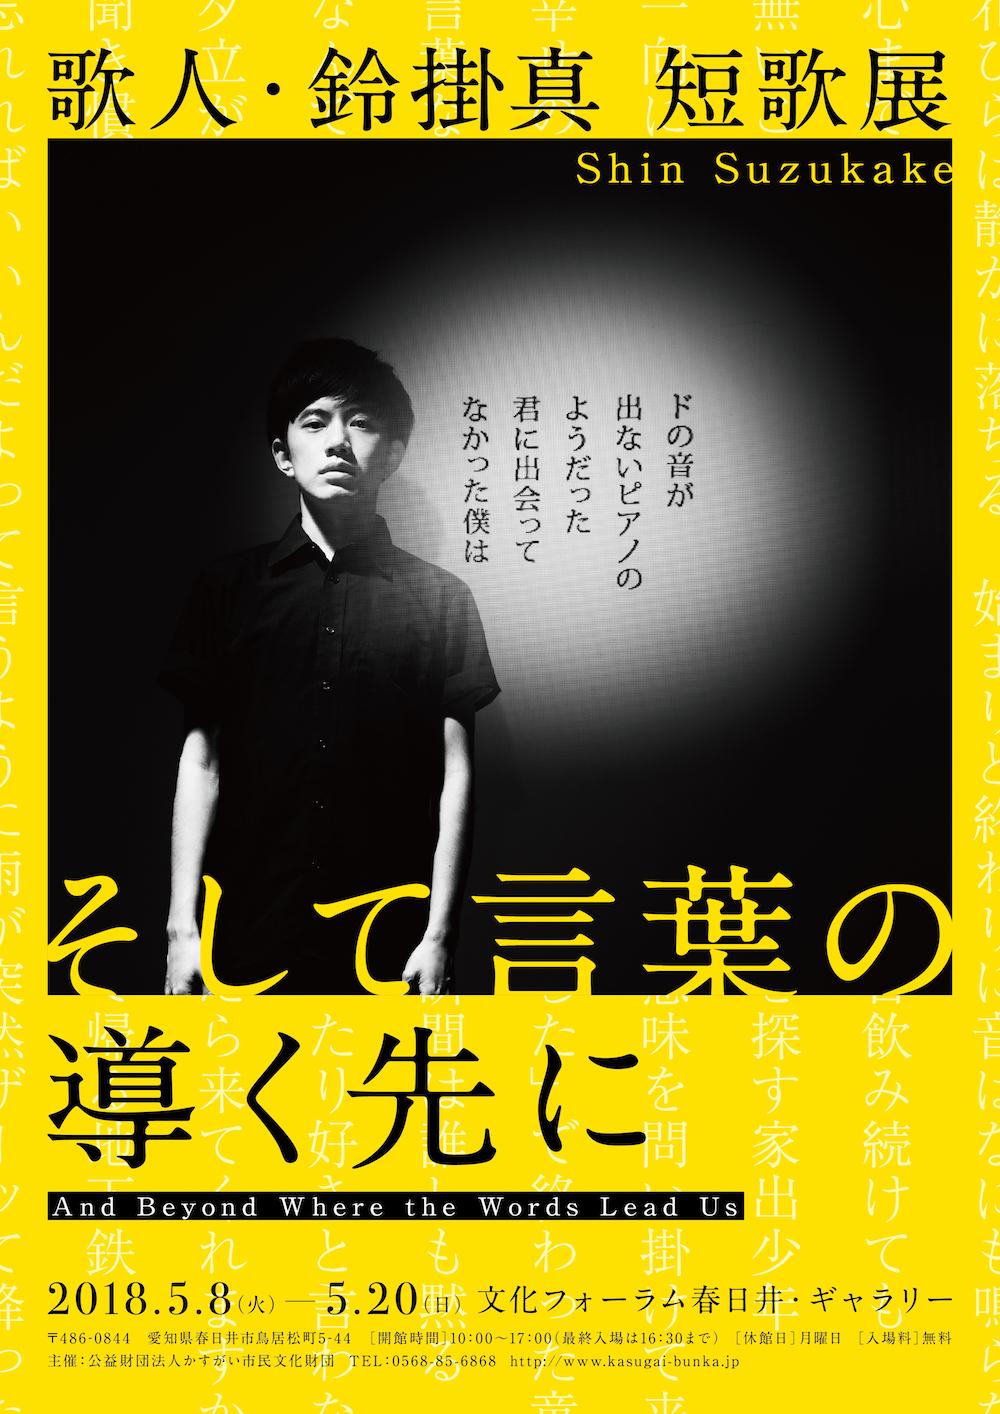 suzukake_A4_omote_nyuko_ol